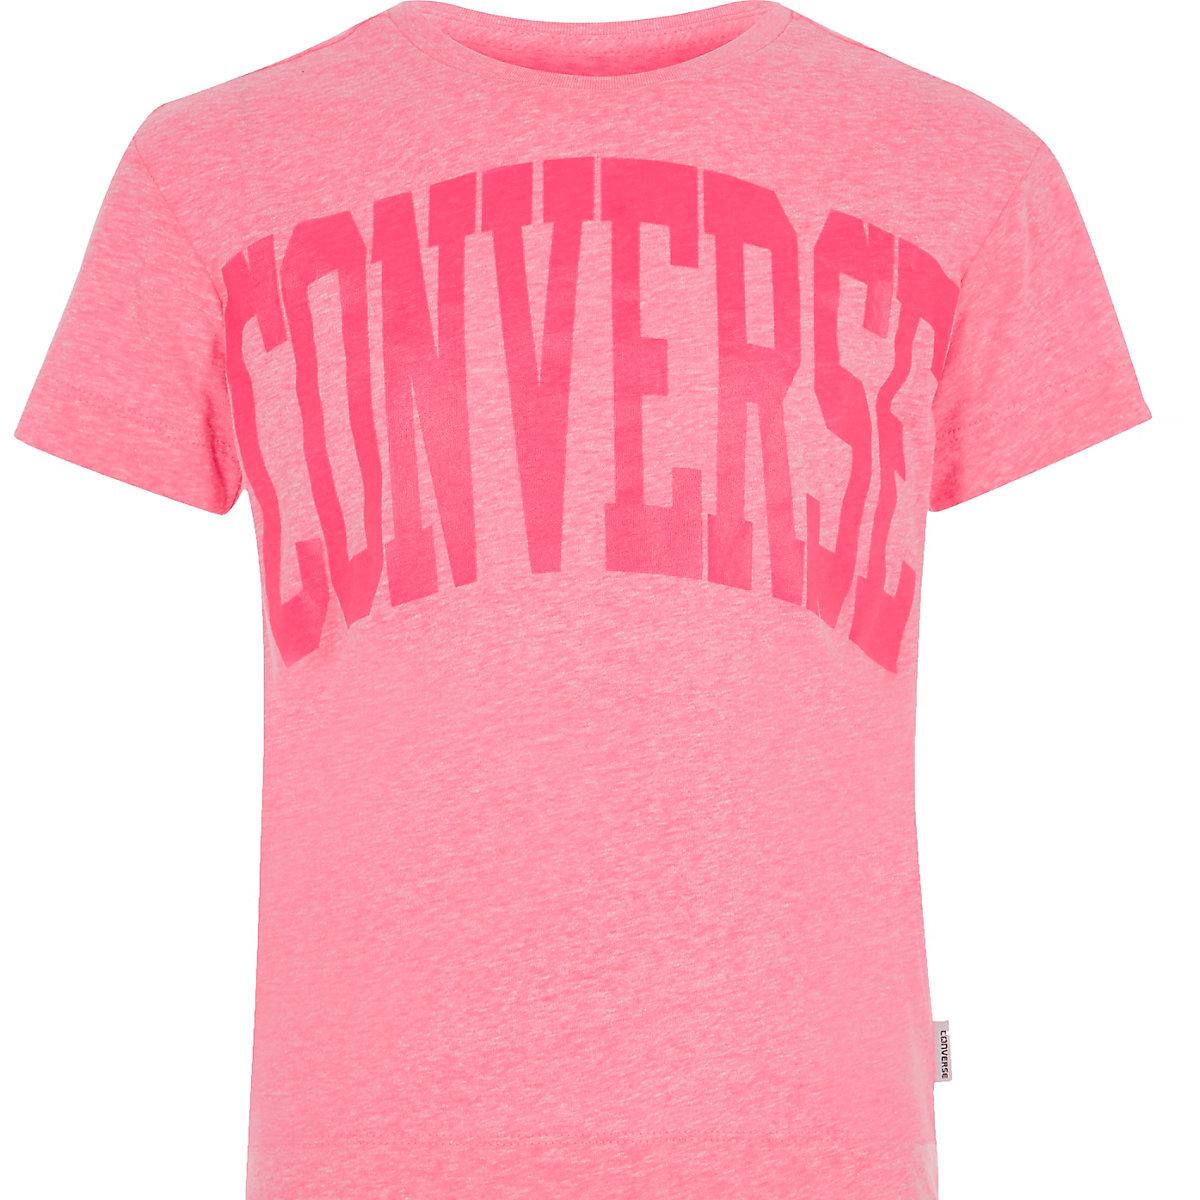 Converse – T-shirt imprimé rose pour fille